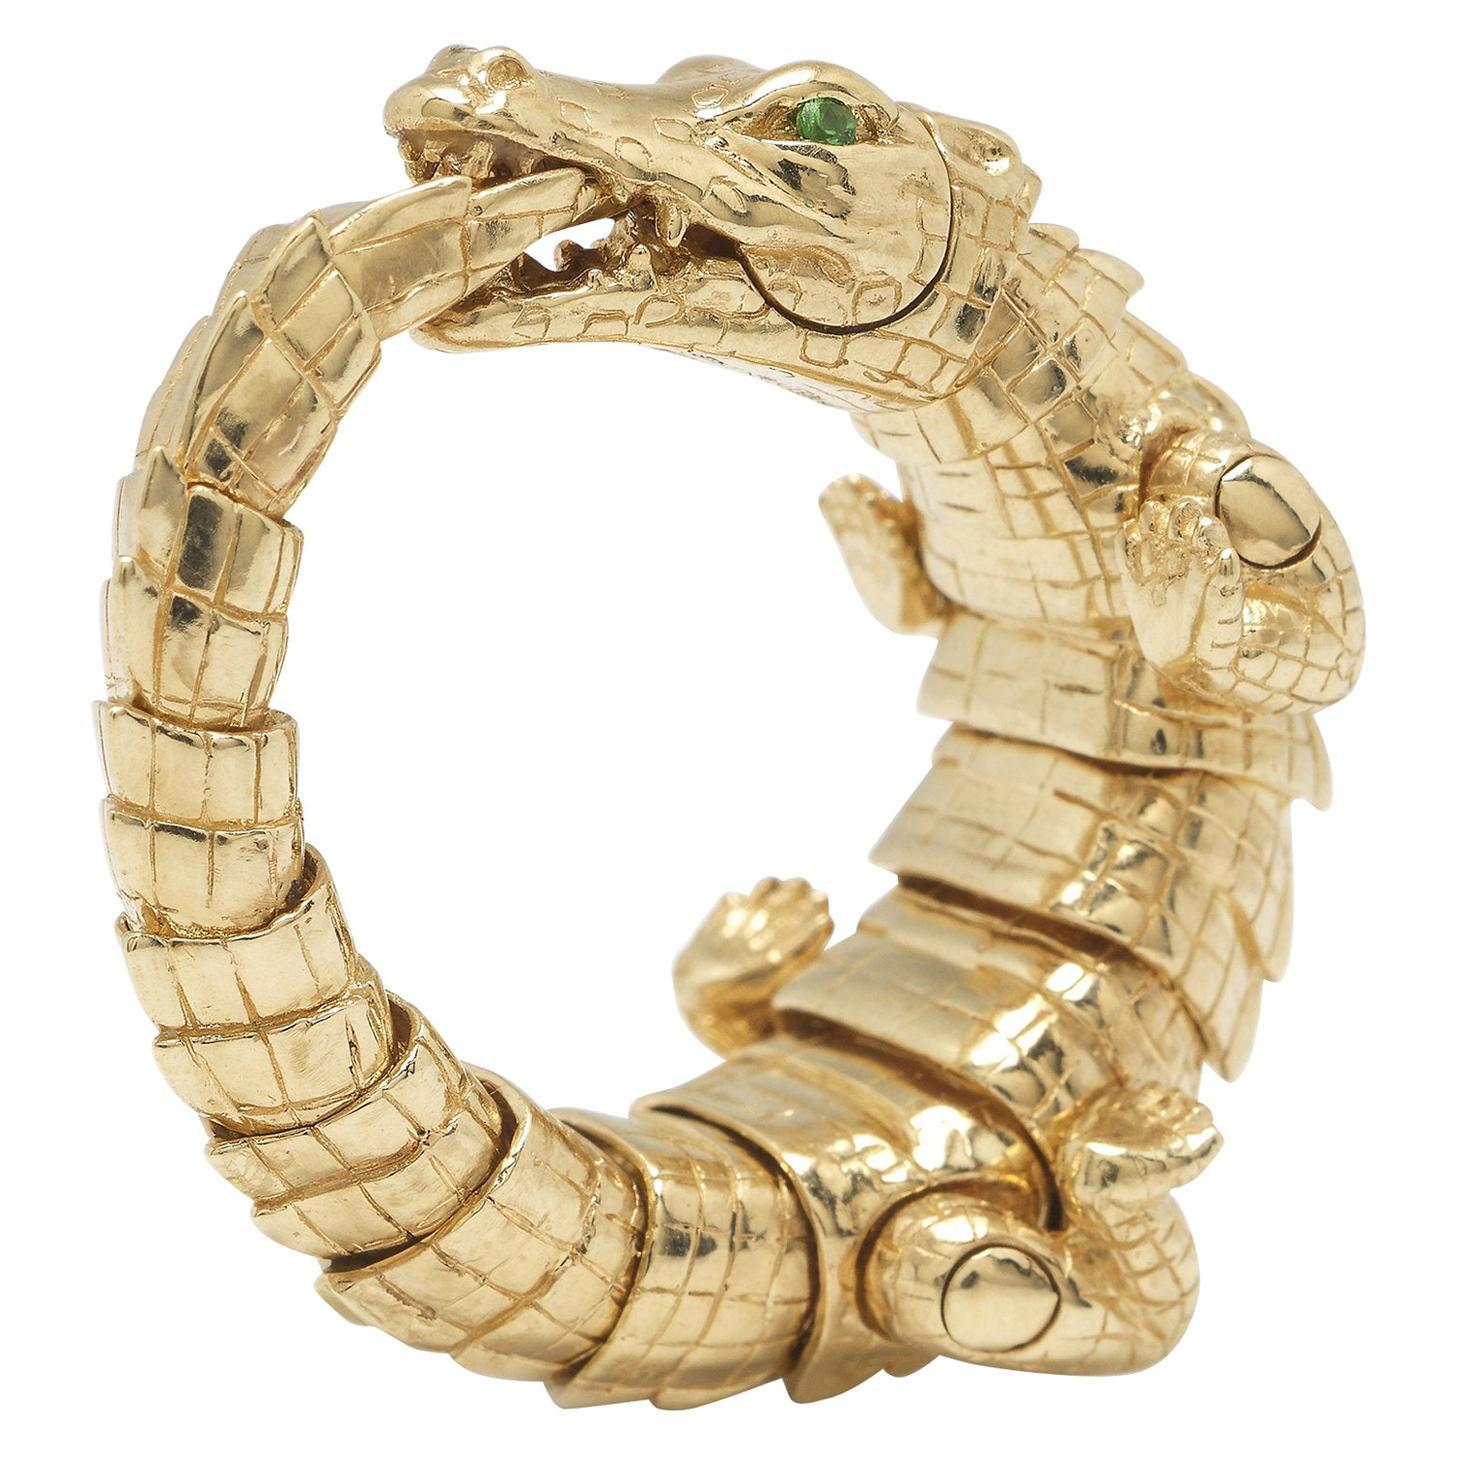 Alligator Wrap Ring